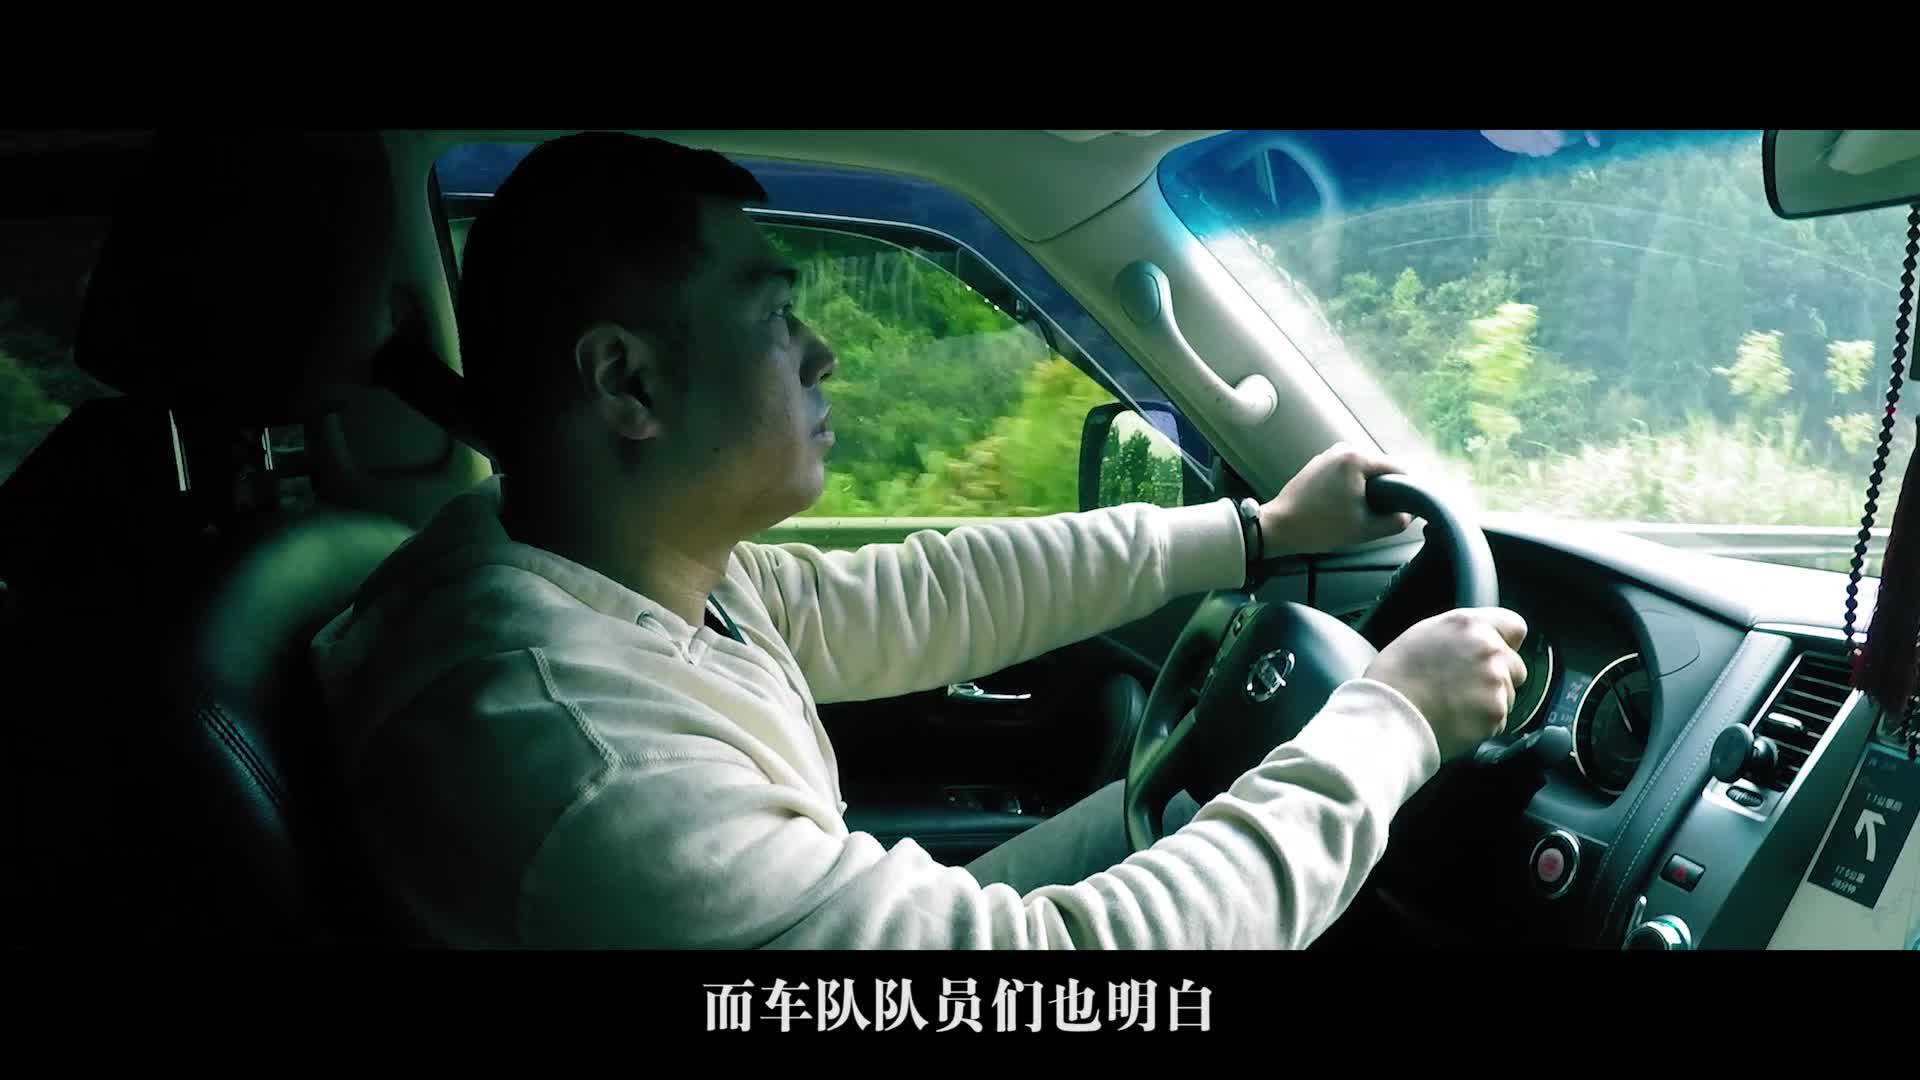 红网网友钰坨的雪峰山助学Vlog